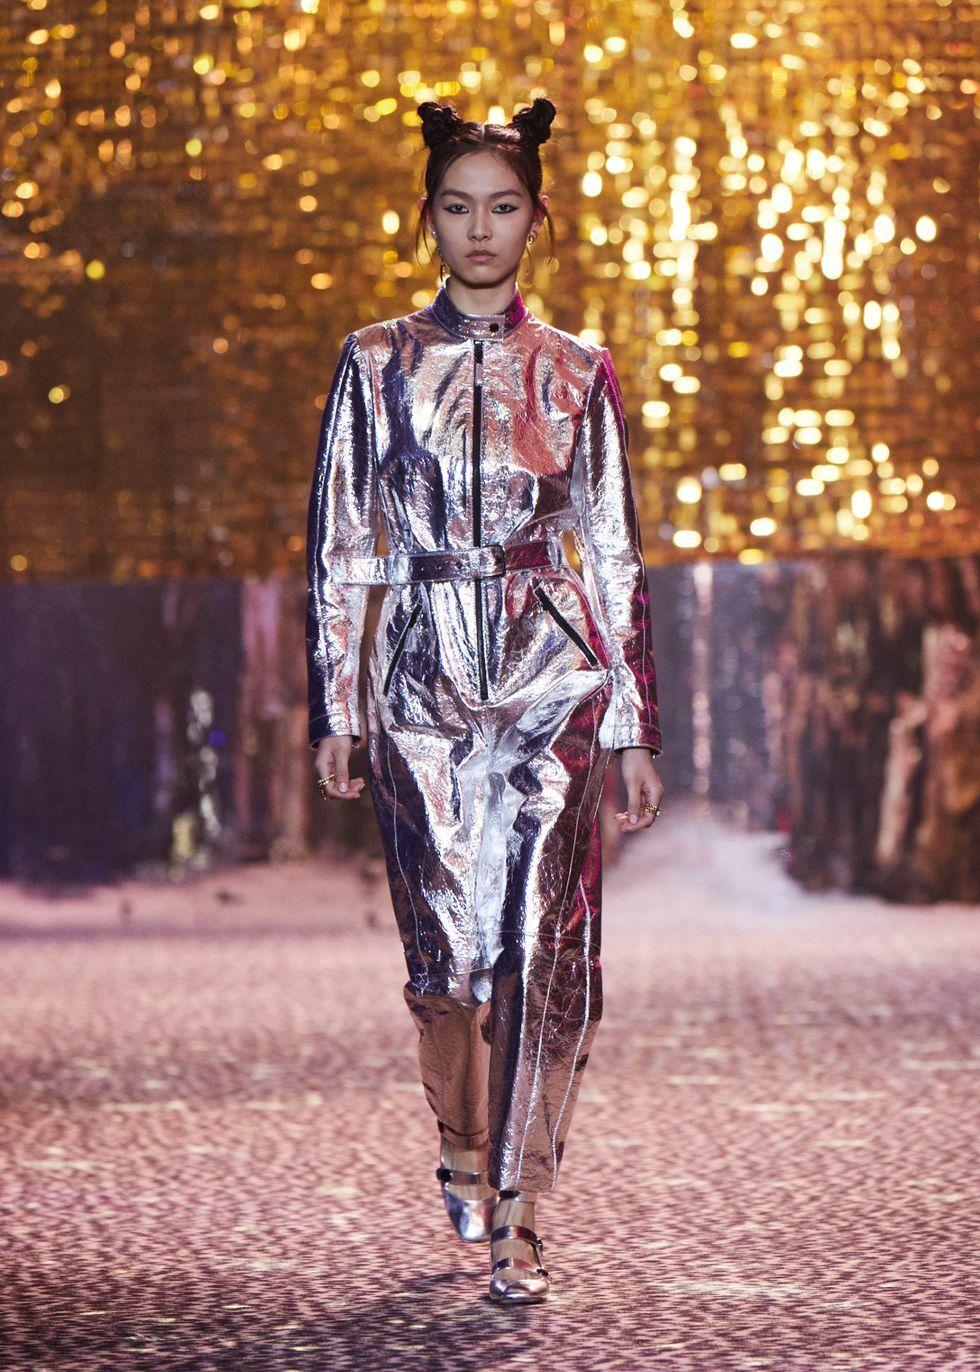 Dior ra mắt BST mang cảm hứng từ nhóm nhạc Blackpink tại Thượng Hải